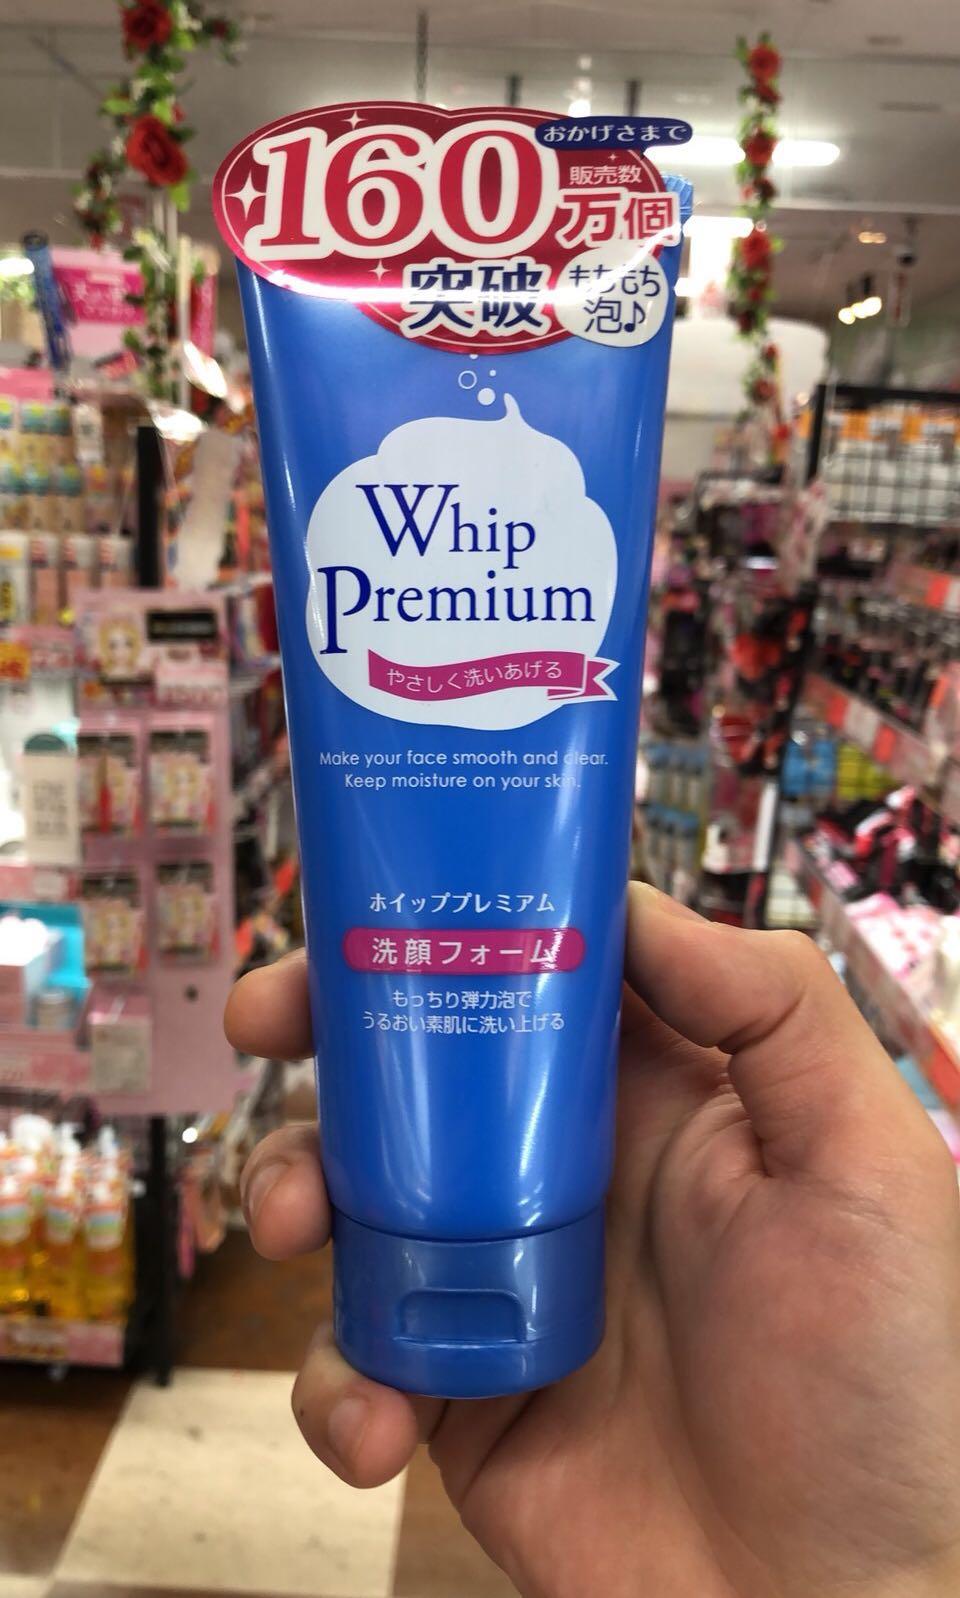 Whip Premium